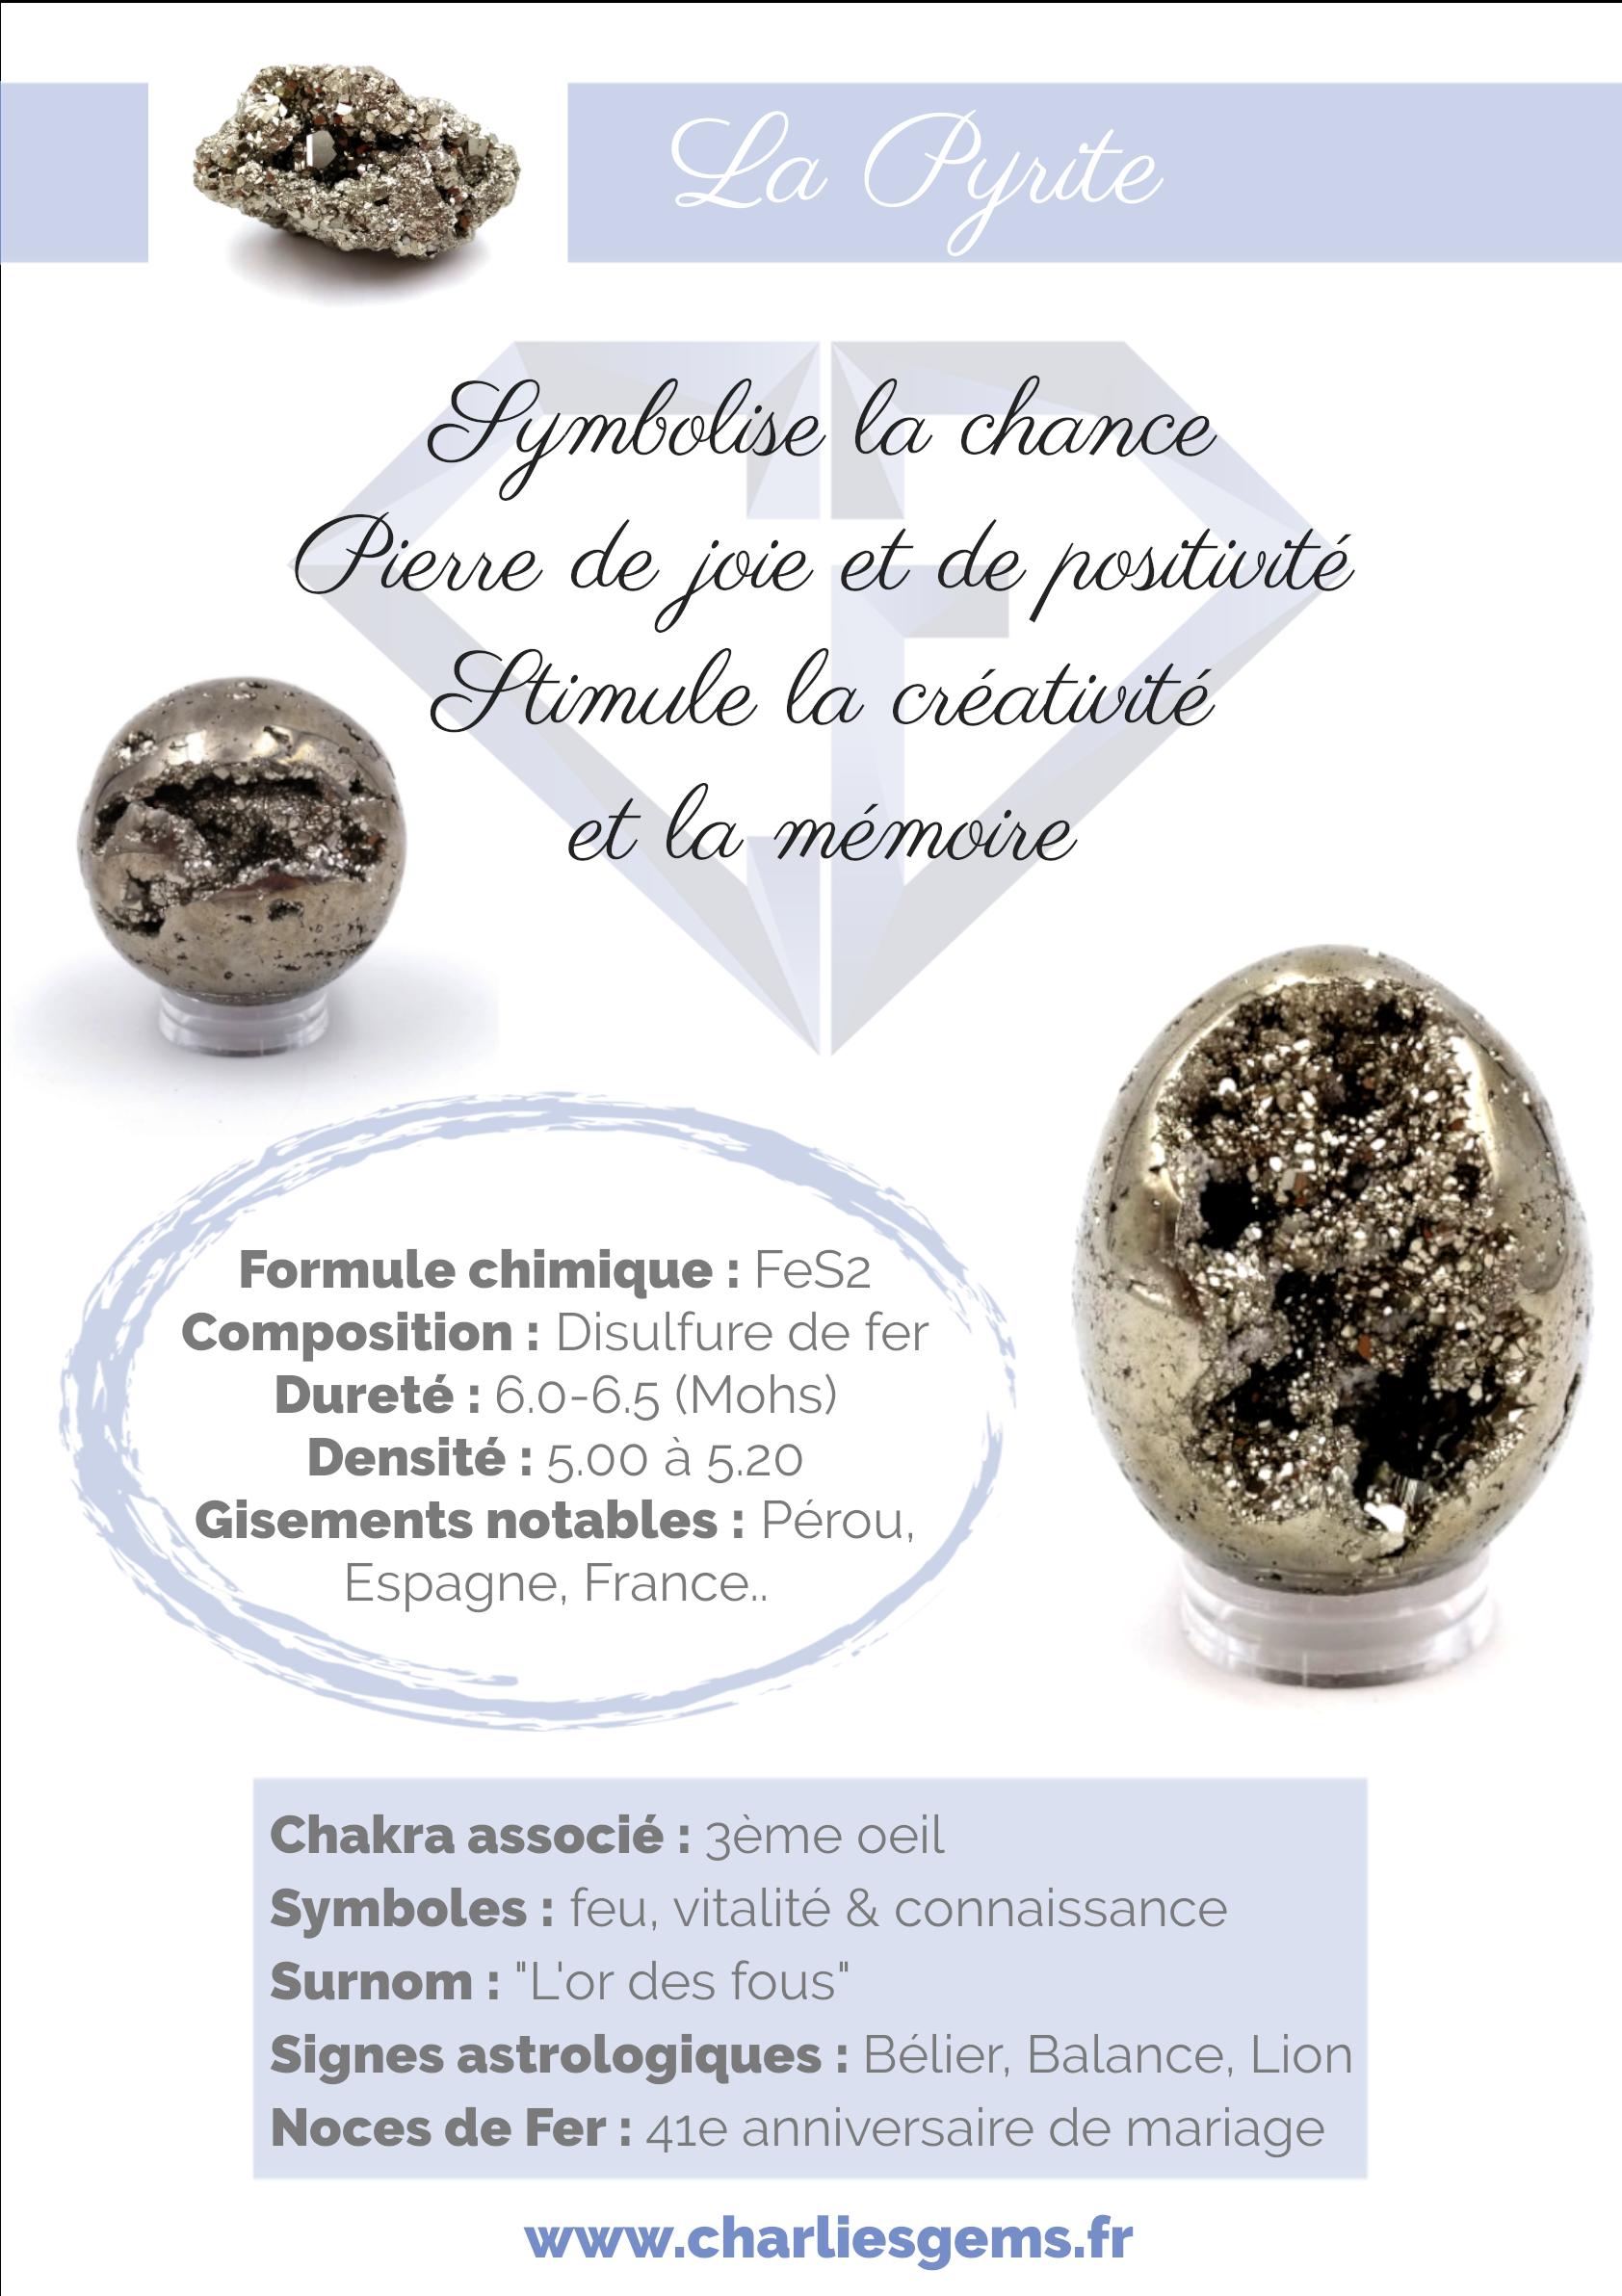 Fiche de présentation de la Pyrite (description, lithothérapie, propriétés) - Par Charlie's Gems